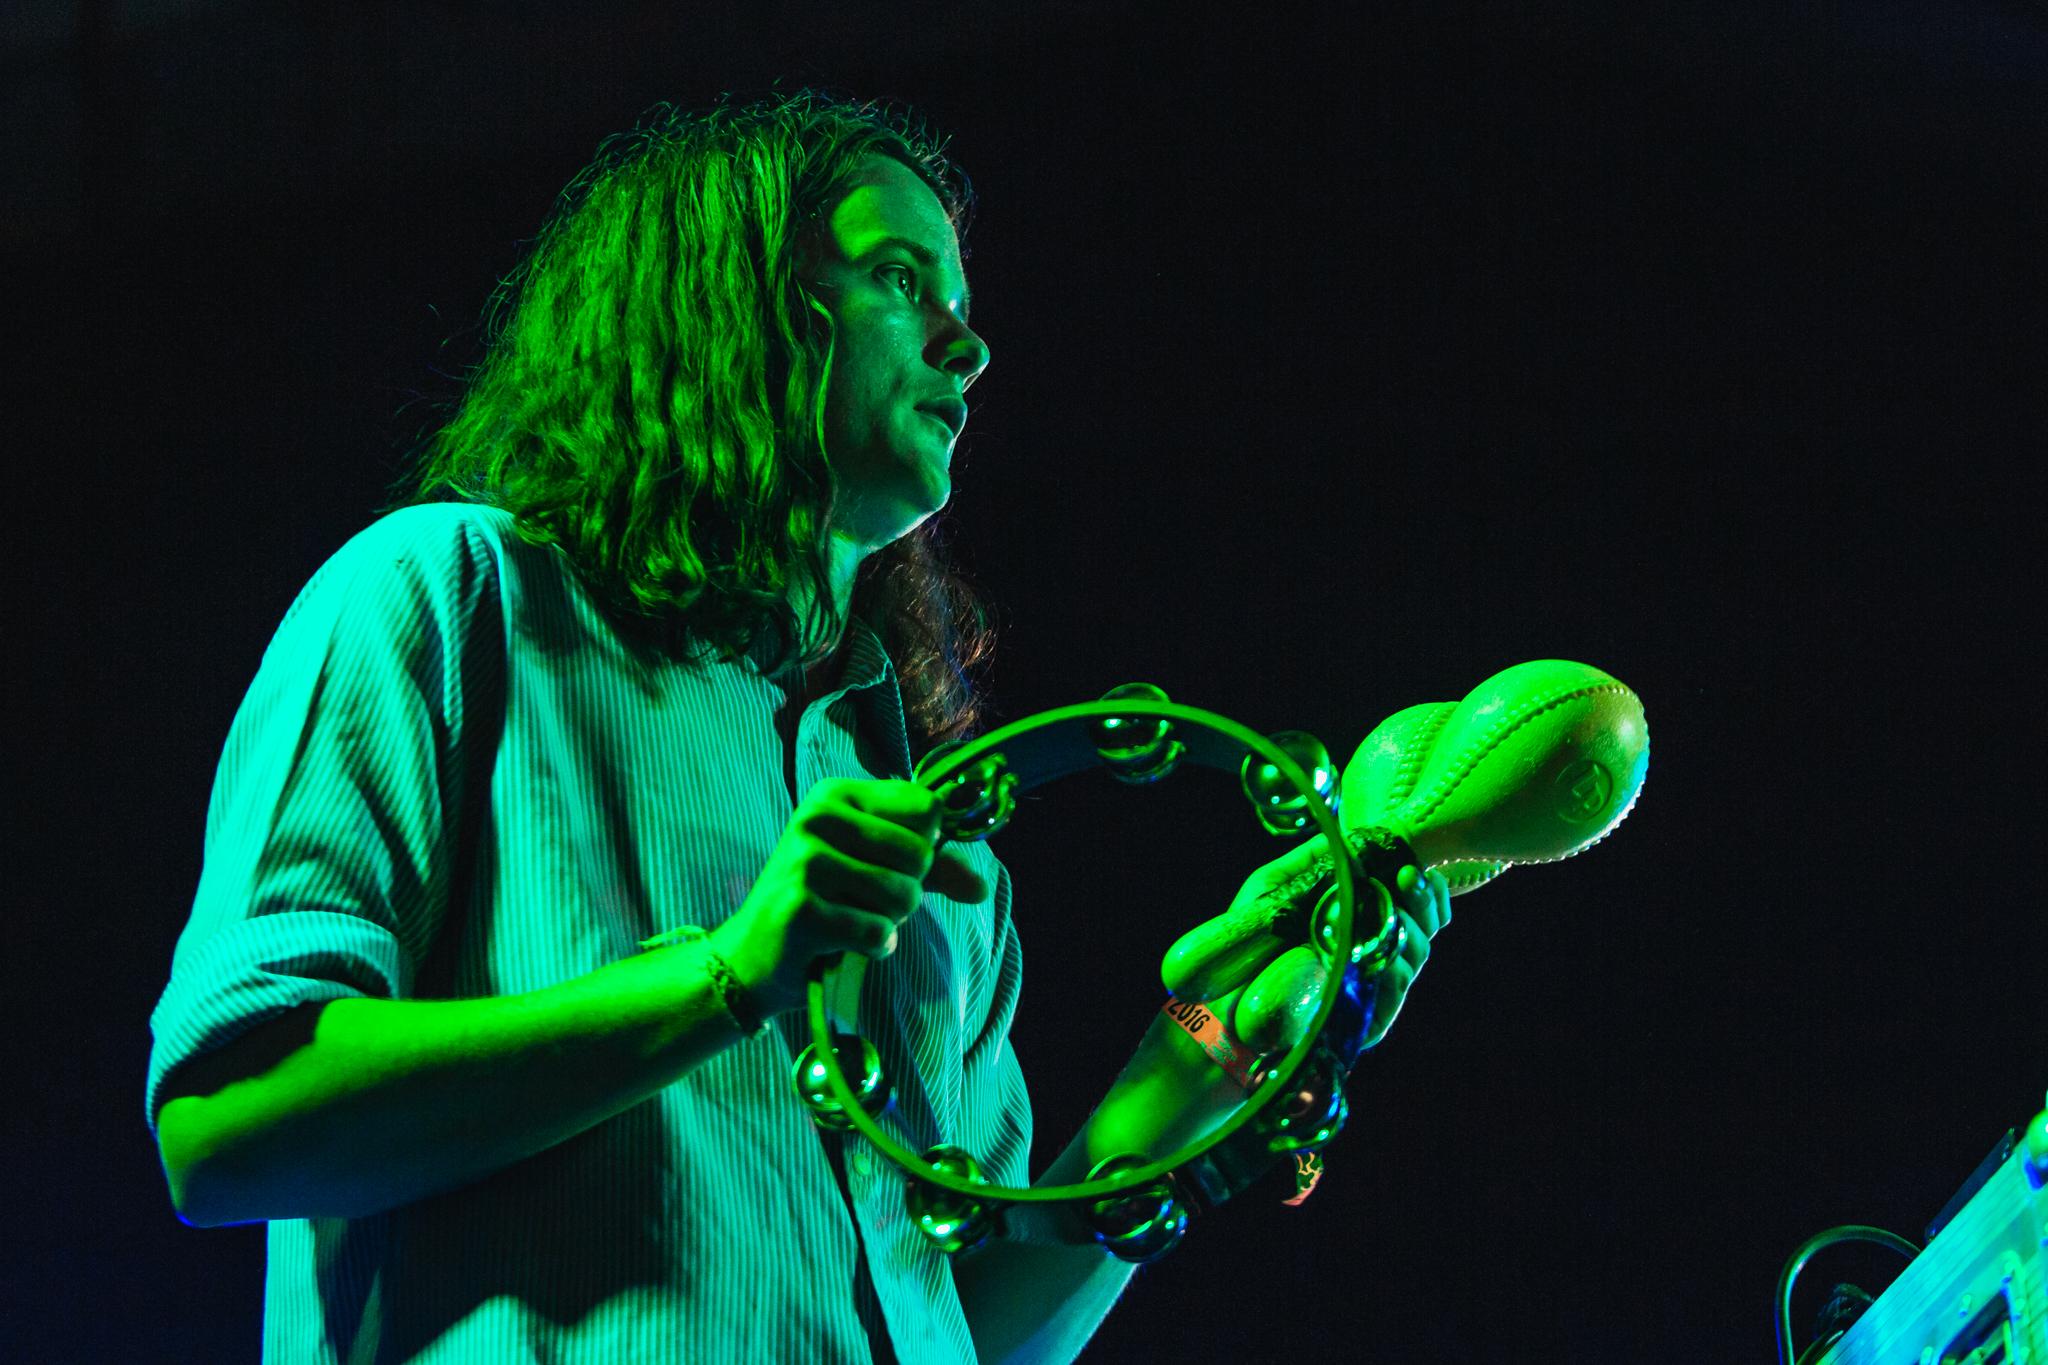 Mitch Lowe Photo - Gizzfest 2016 - King Gizzard & The Lizard Wizard-5936.jpg